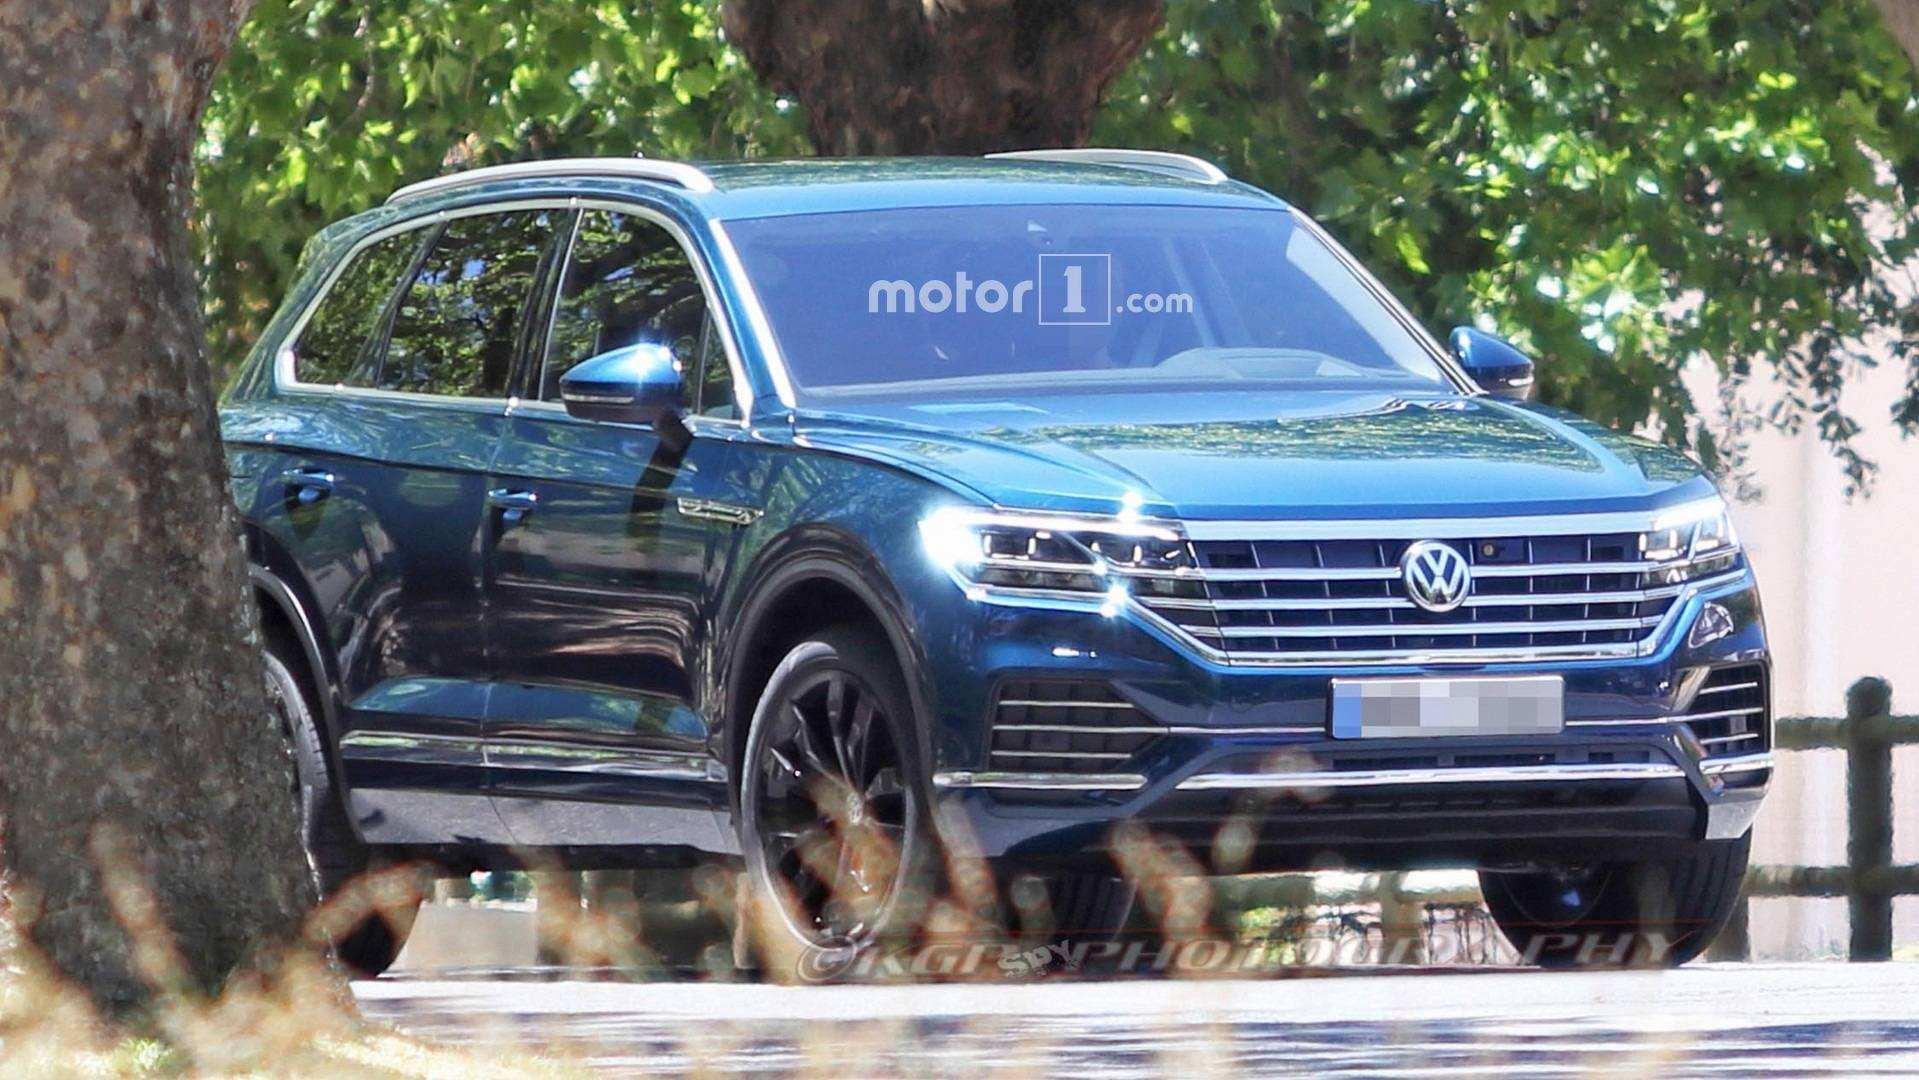 50 Best Review Xe Volkswagen Tiguan 2020 Spy Shoot by Xe Volkswagen Tiguan 2020